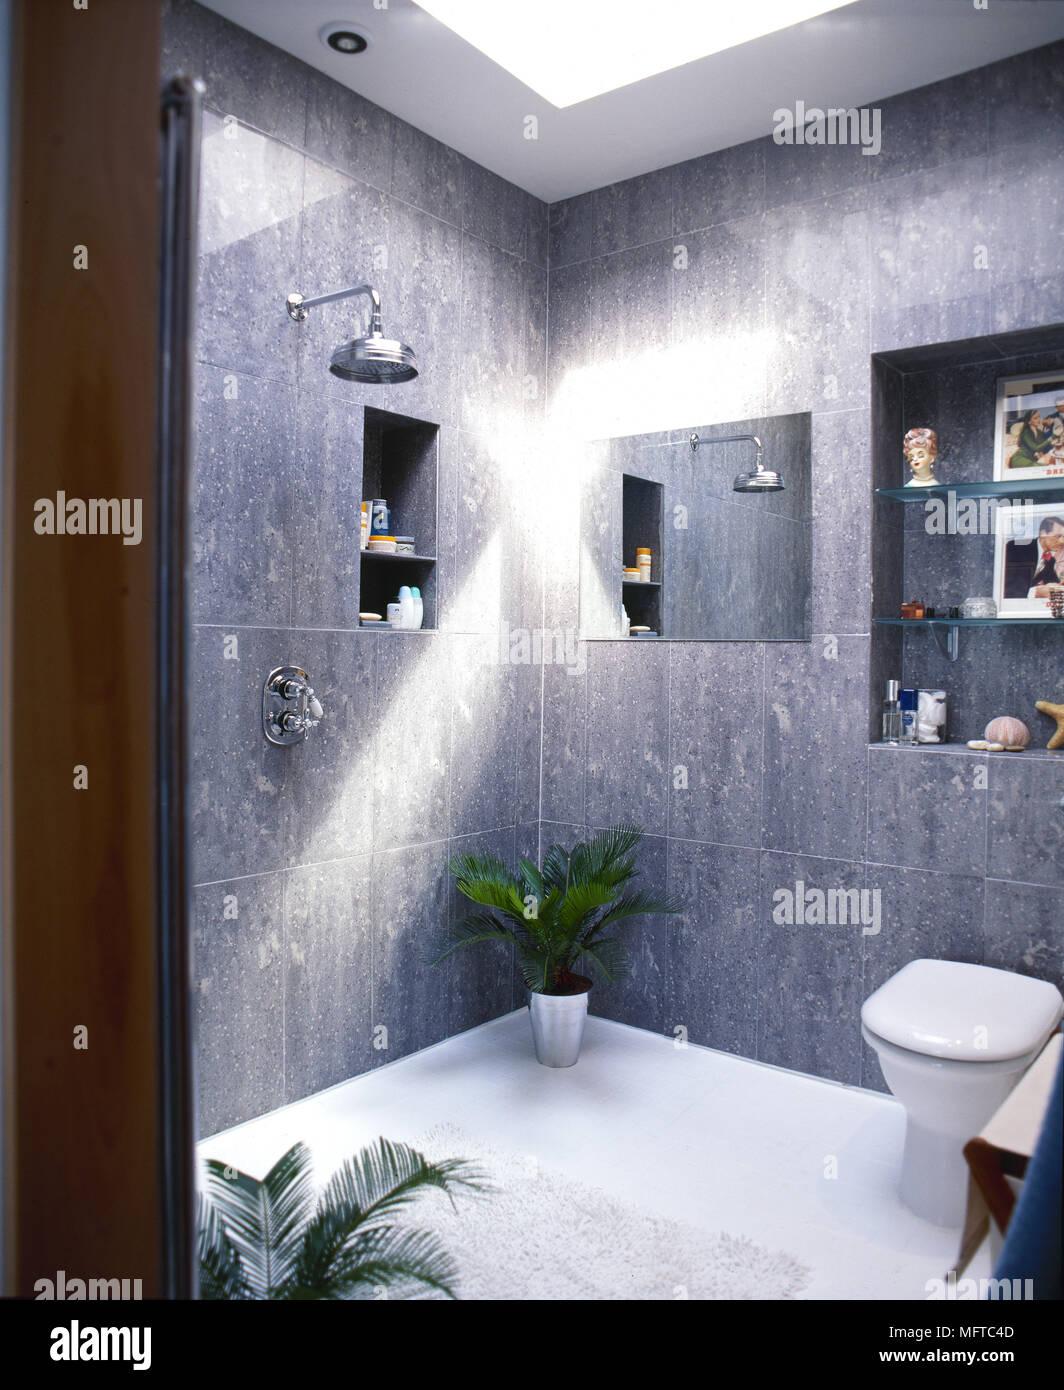 Moderne, grau gefliesten Badezimmer mit offener Dusche, Nische ...